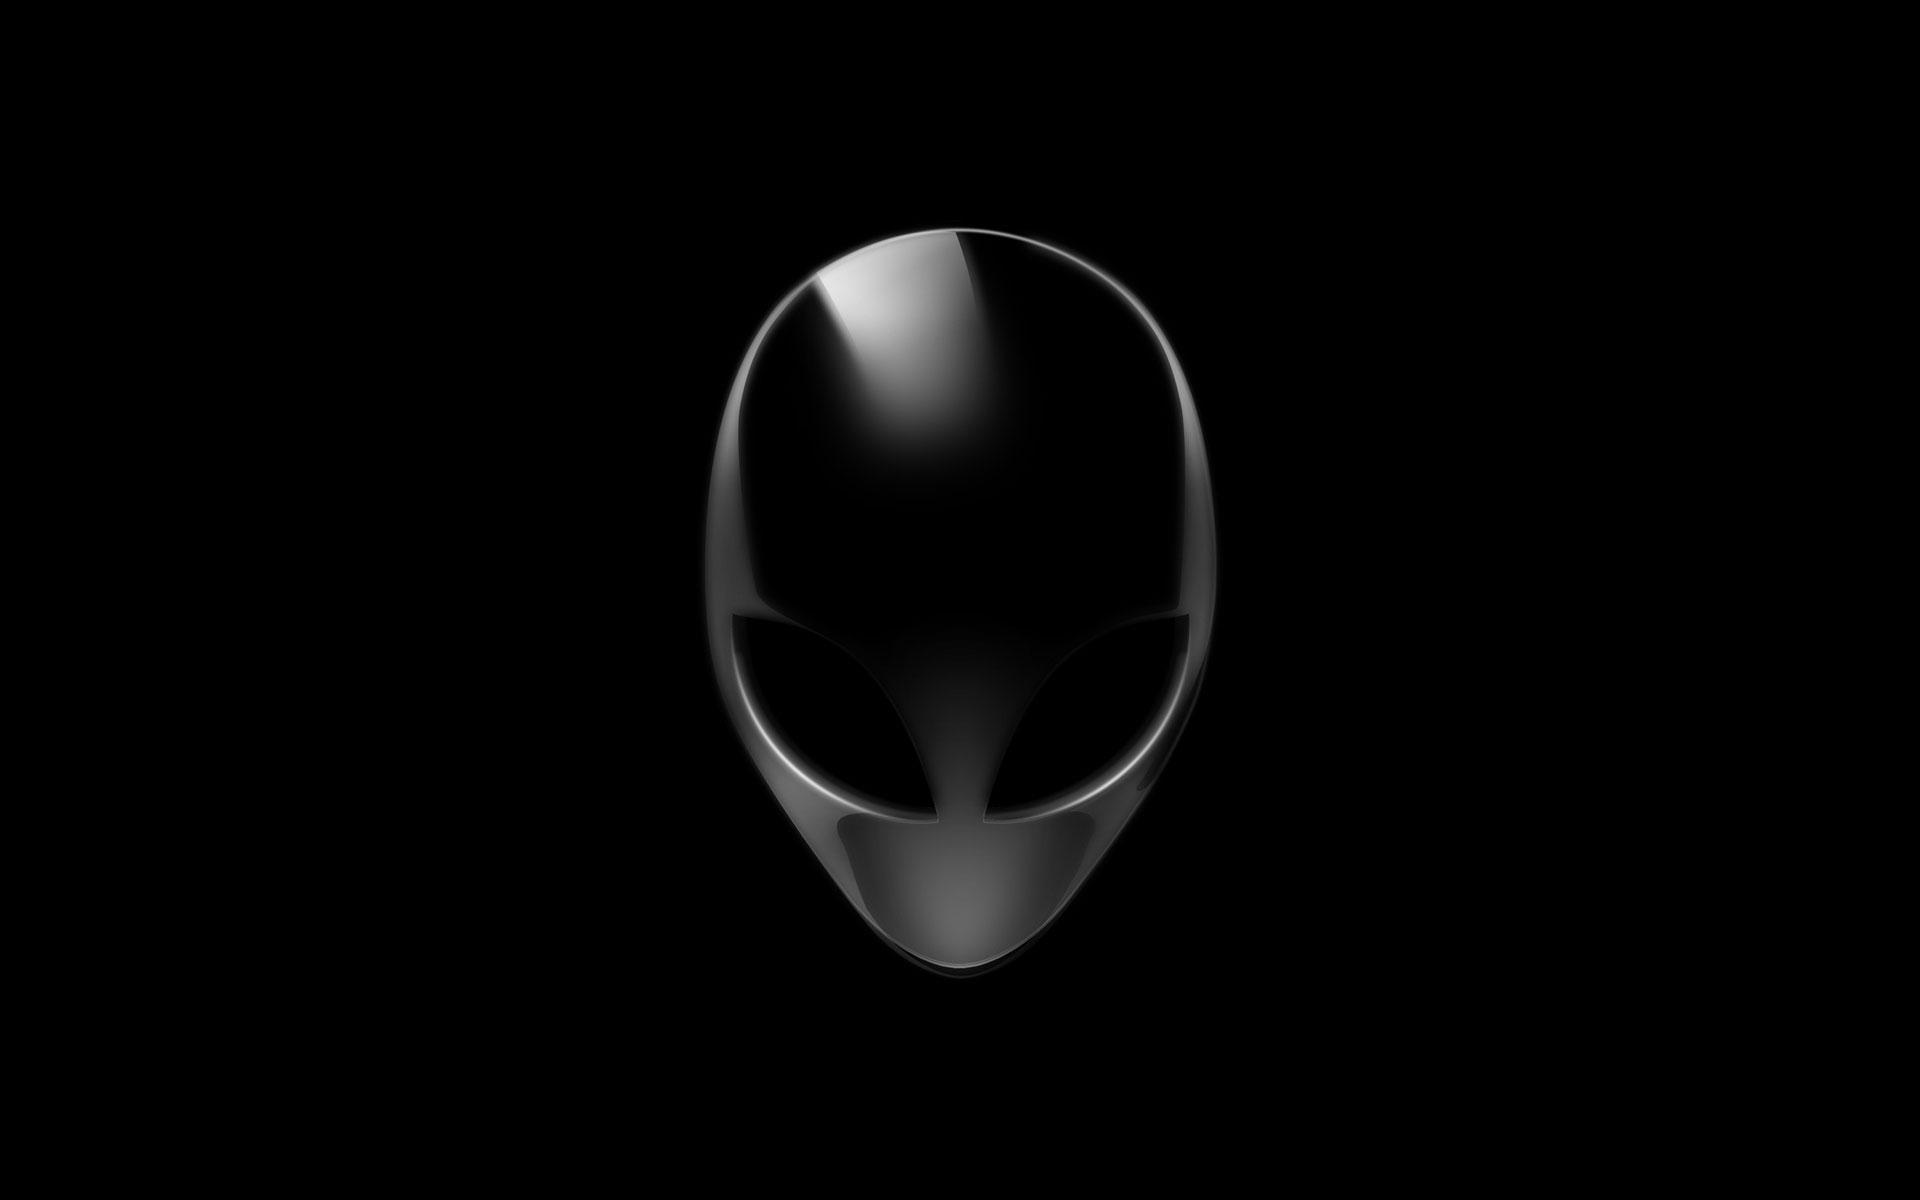 Hình nền máy tính đen trắng khuôn mặt người ngoài hành tinh